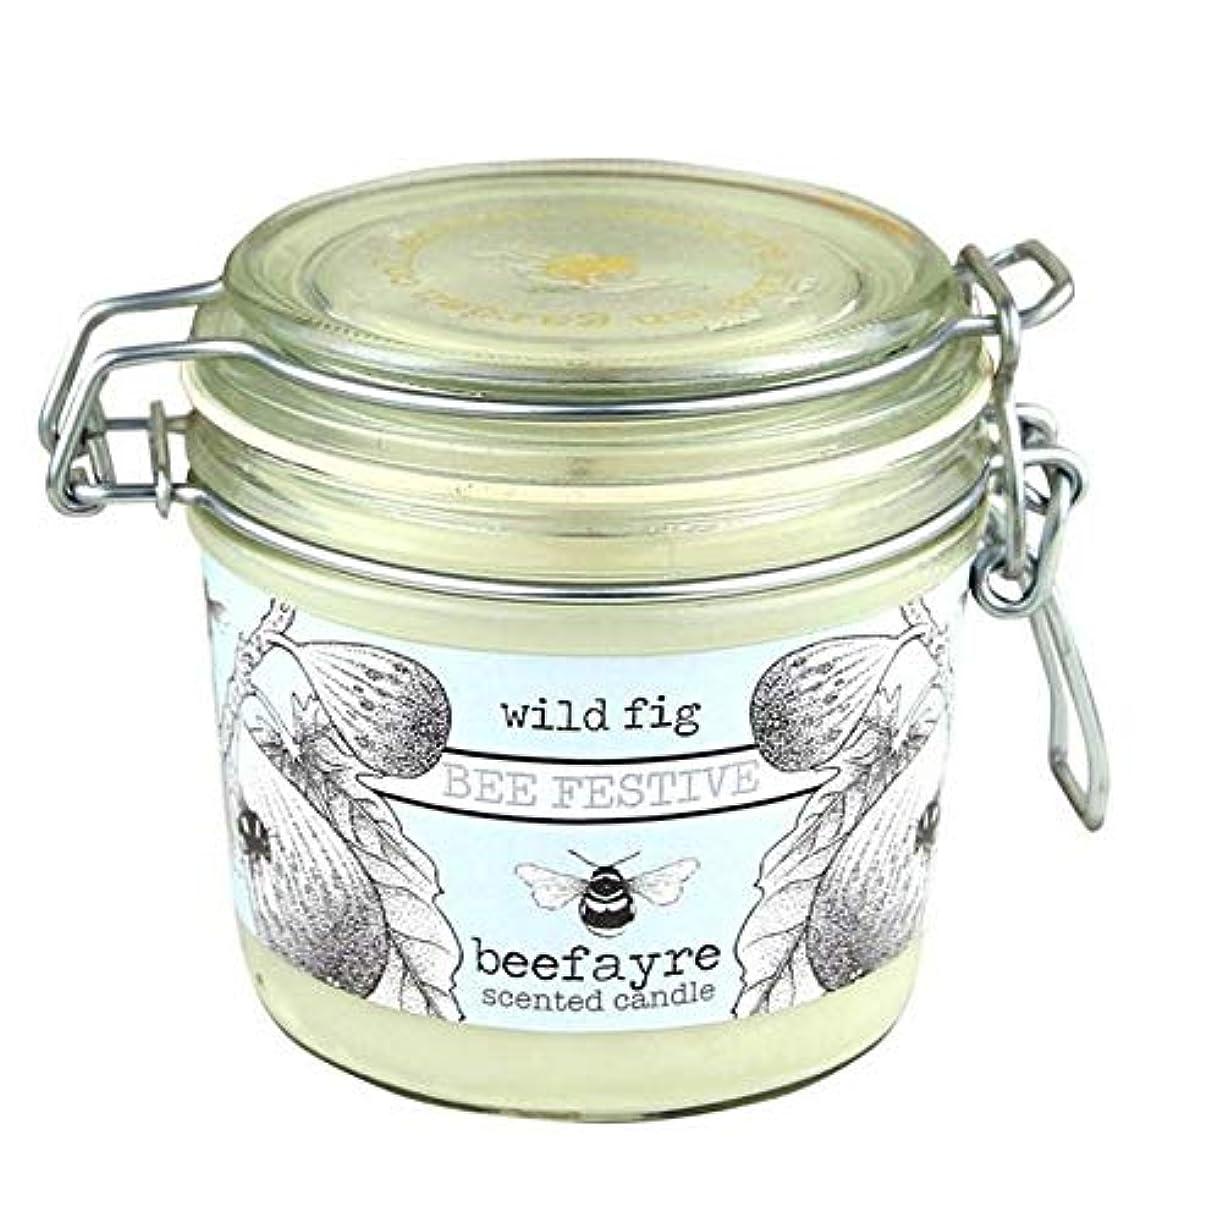 元気意義サバント[Beefayre] 野生のイチジク大きな香りのキャンドルBeefayre - Beefayre Wild Fig Large Scented Candle [並行輸入品]